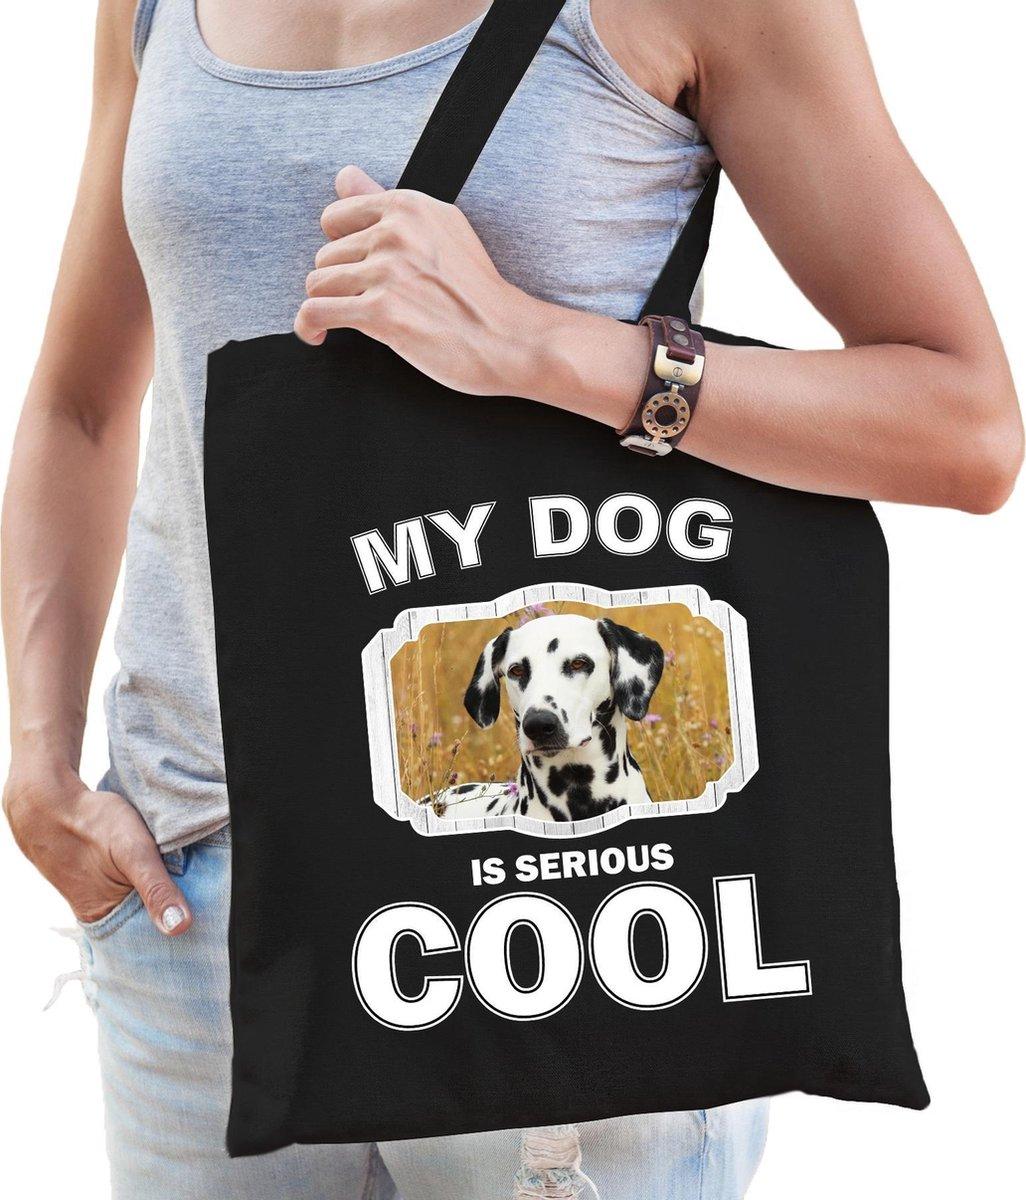 Dieren Dalmatiers tasje katoen volw + kind zwart - my dog is serious cool kado boodschappentas/ gymtas / sporttas - honden / hond kopen